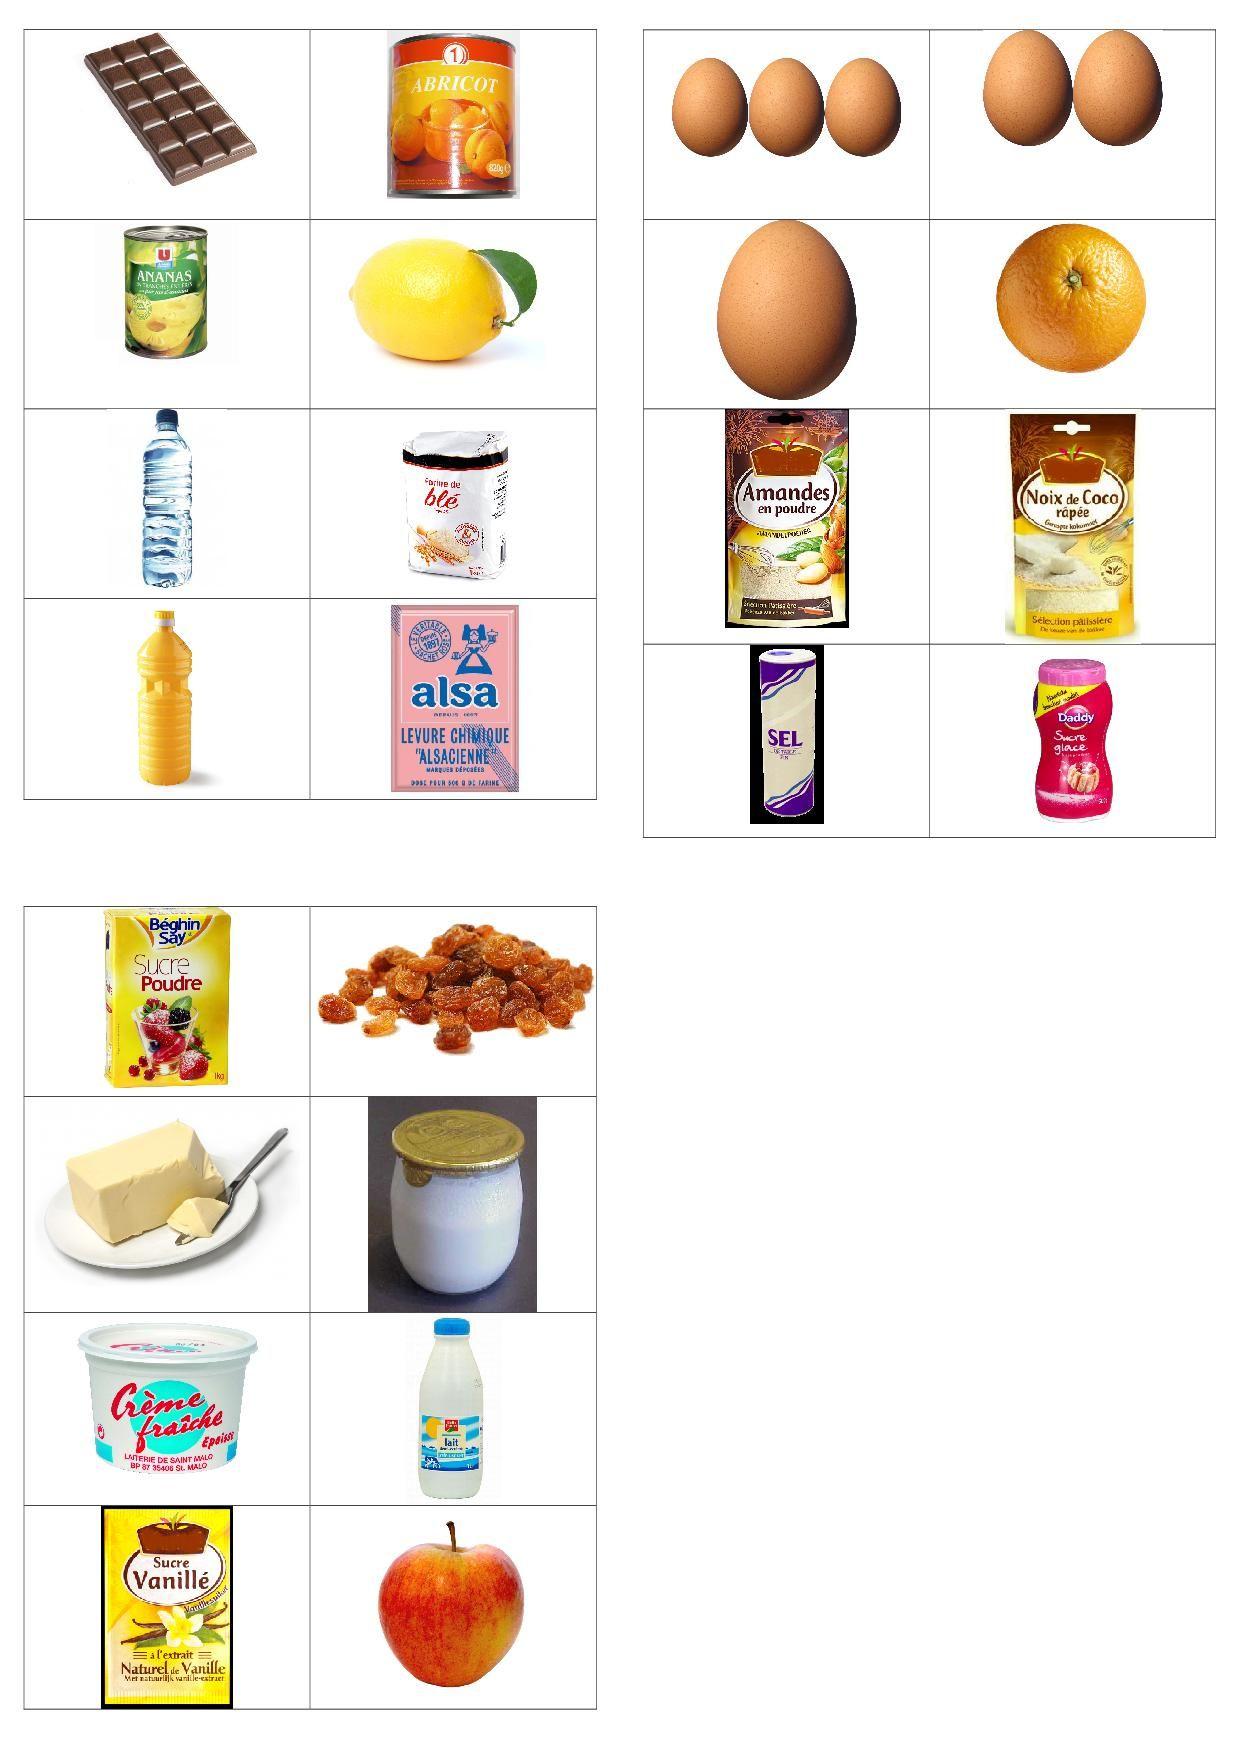 Imagier ustensiles de cuisine mc83 montrealeast for Ustensiles de cuisine valence